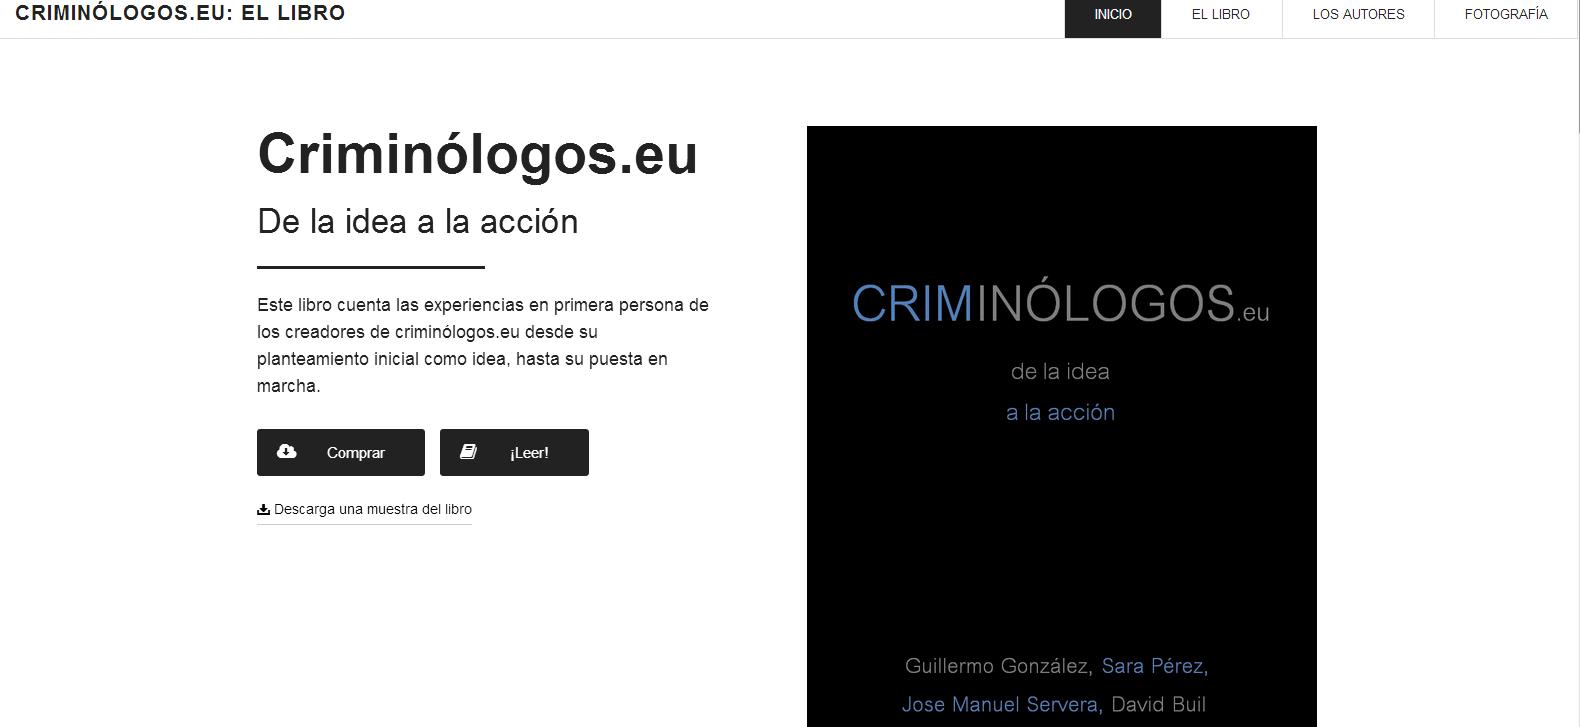 Nuevos capítulos de «Criminólogos.eu : de la idea a la acción»